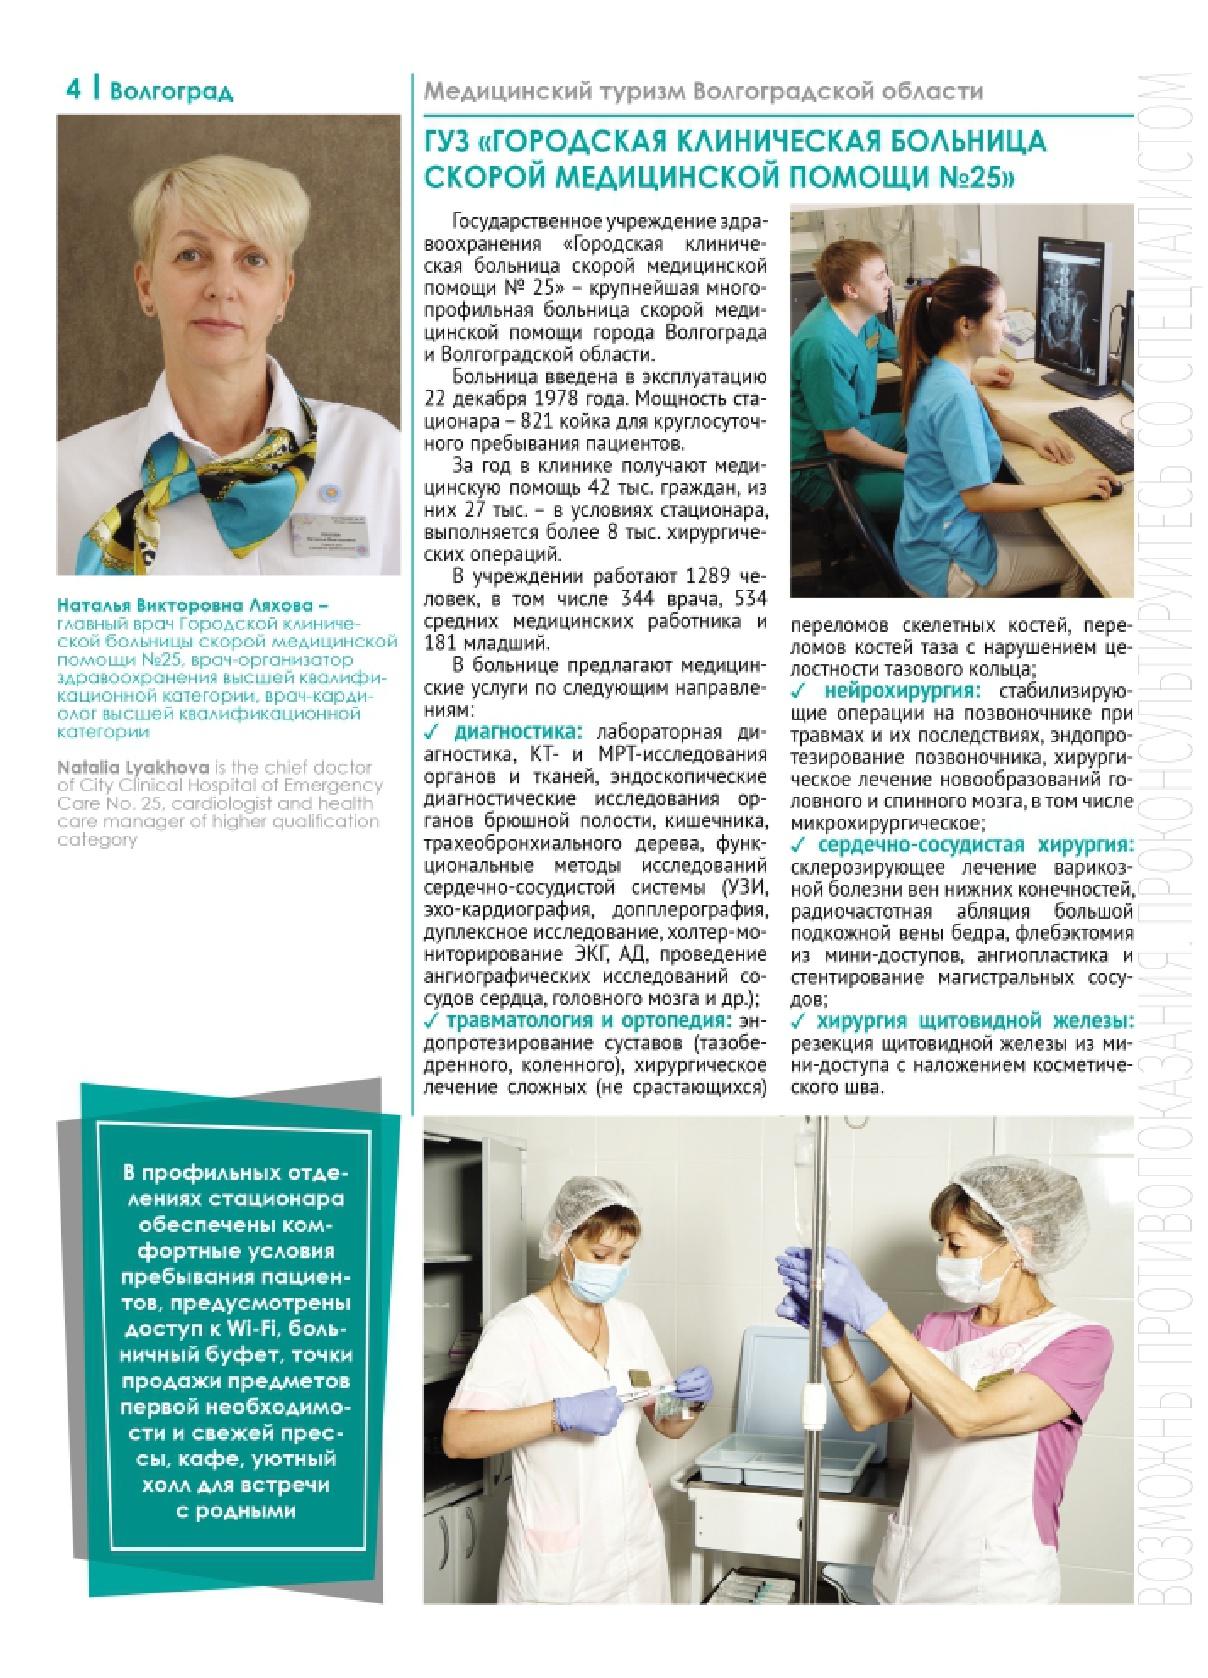 Урюпинск наркология лечение наркомании частная скорая помощь